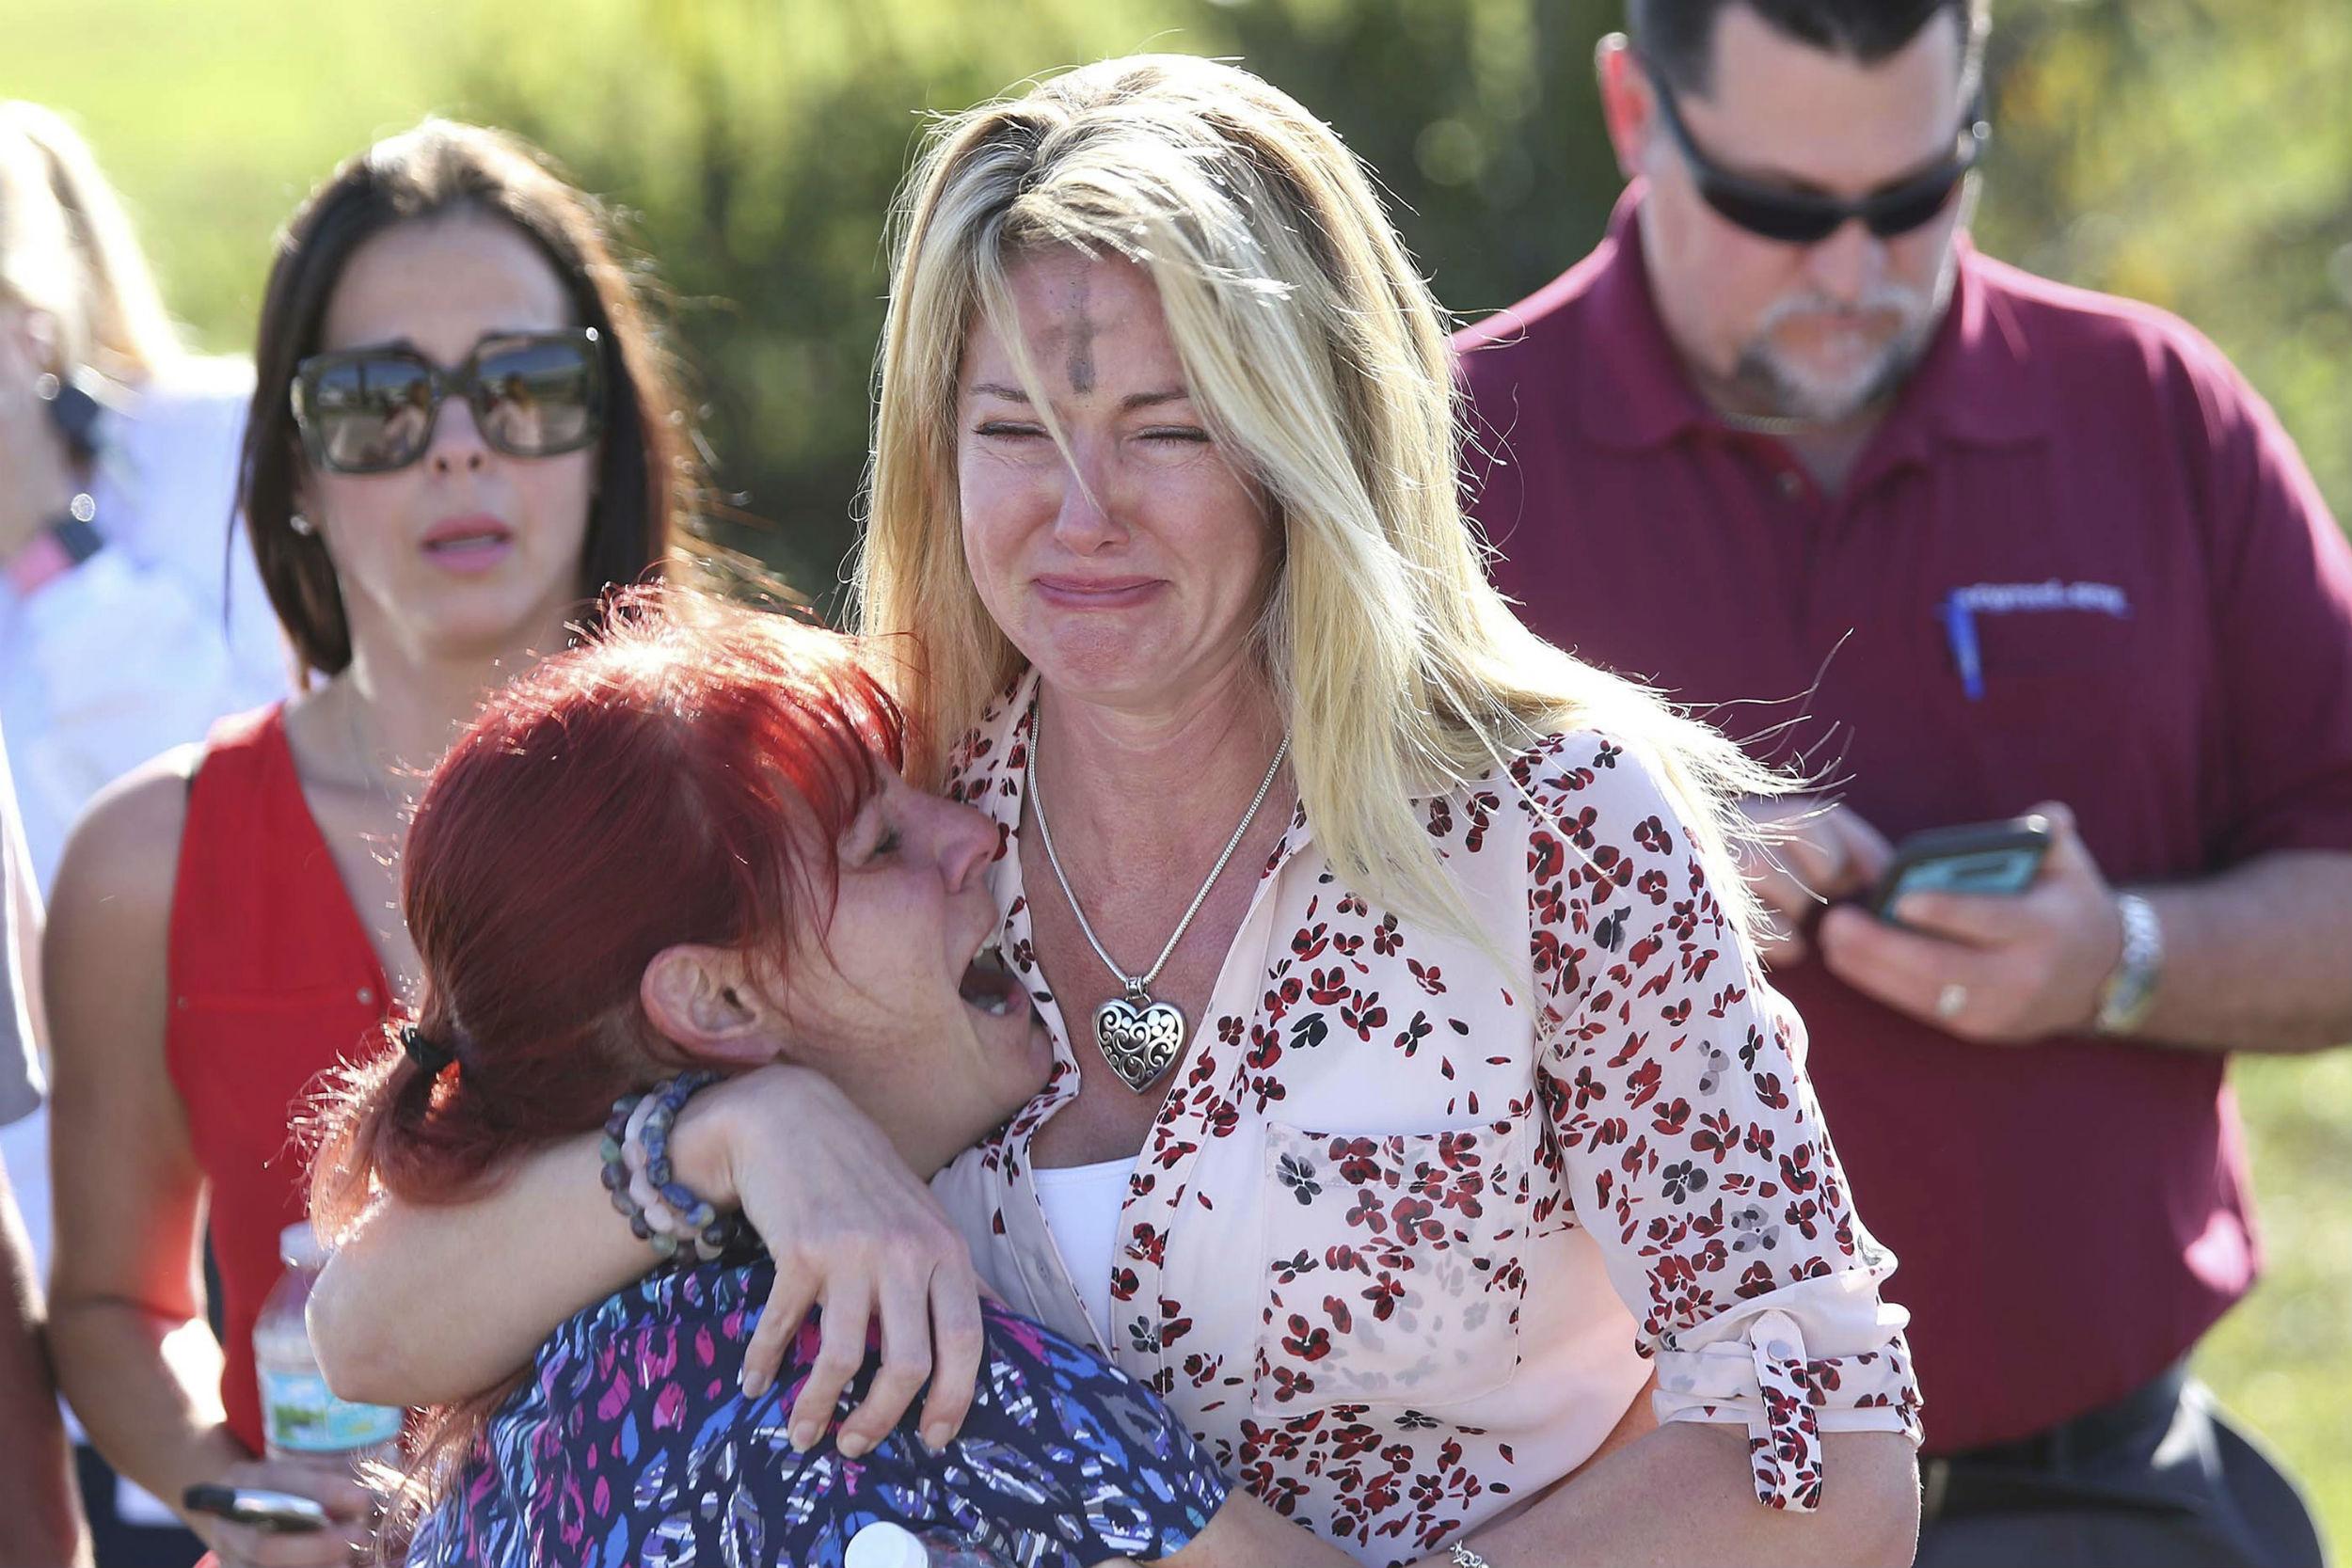 skoleskyderi, florida, gymnasium, high school, gerningsmand, døde, sårede, dræbte, elever, usa, news, nyheder